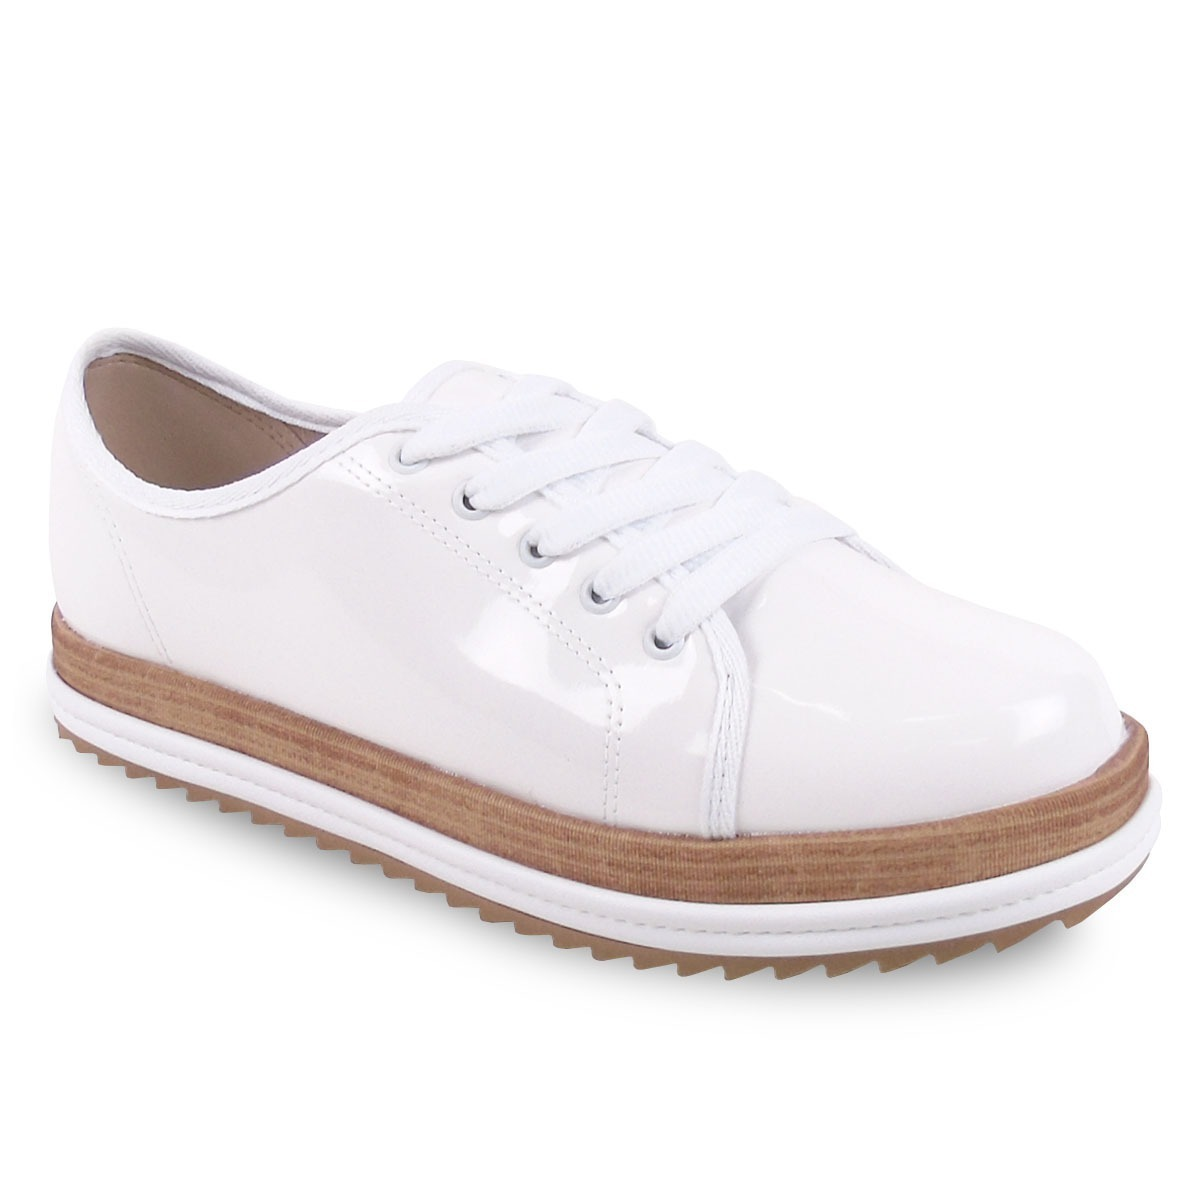 afbe8d3a4 sapato oxford feminino beira rio tratorado verniz branco. Carregando zoom.